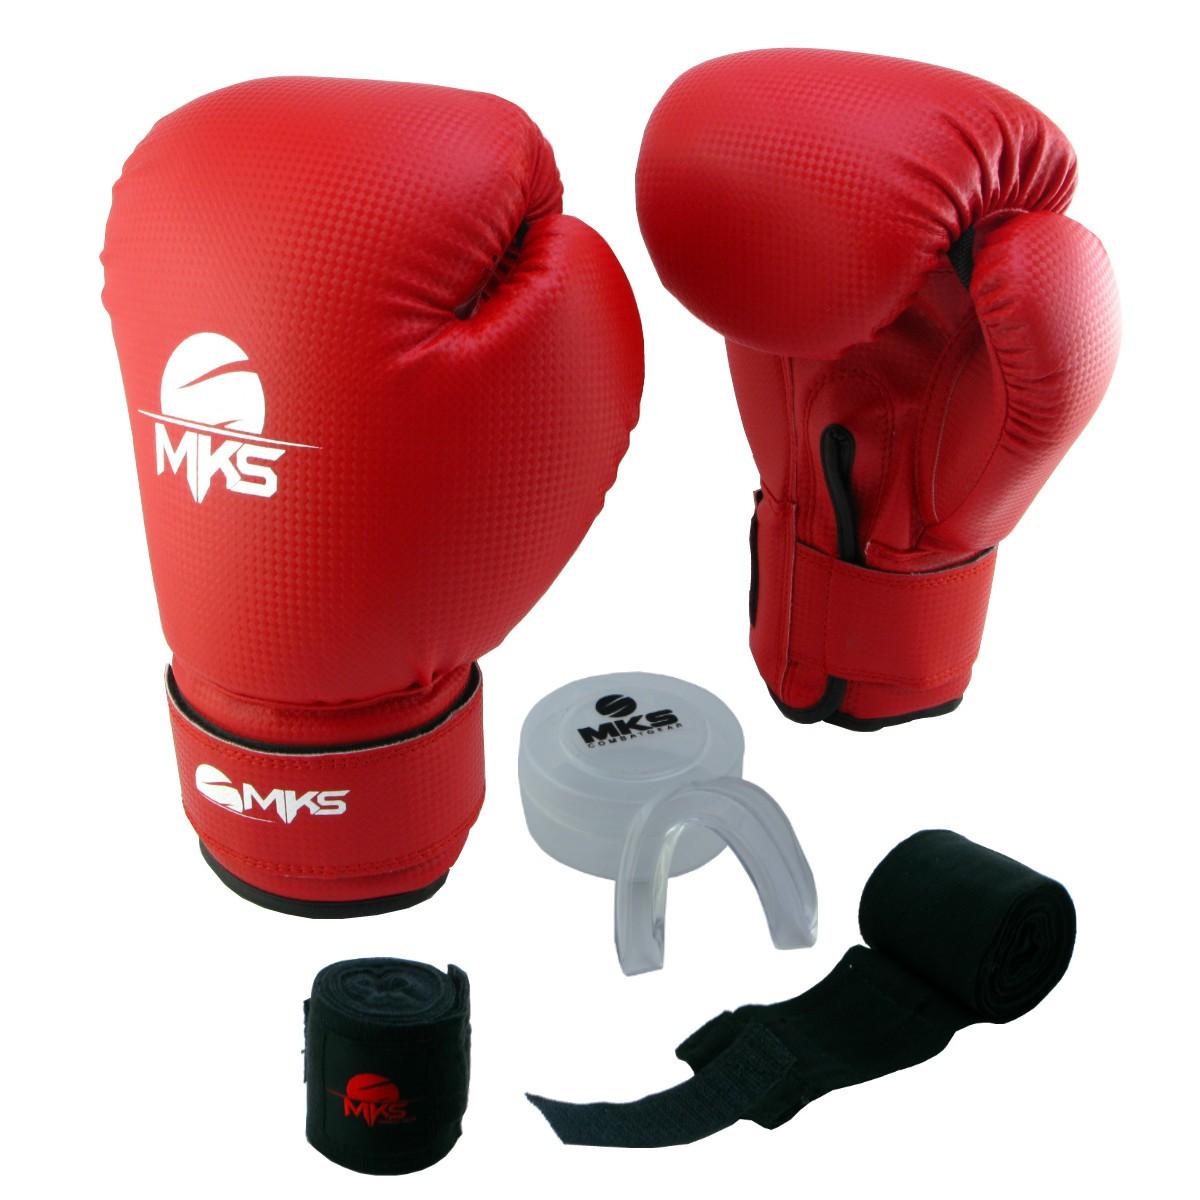 Luva de Boxe Prospect MKS Vermelha 12 oz + Protetor Bucal + Bandagem